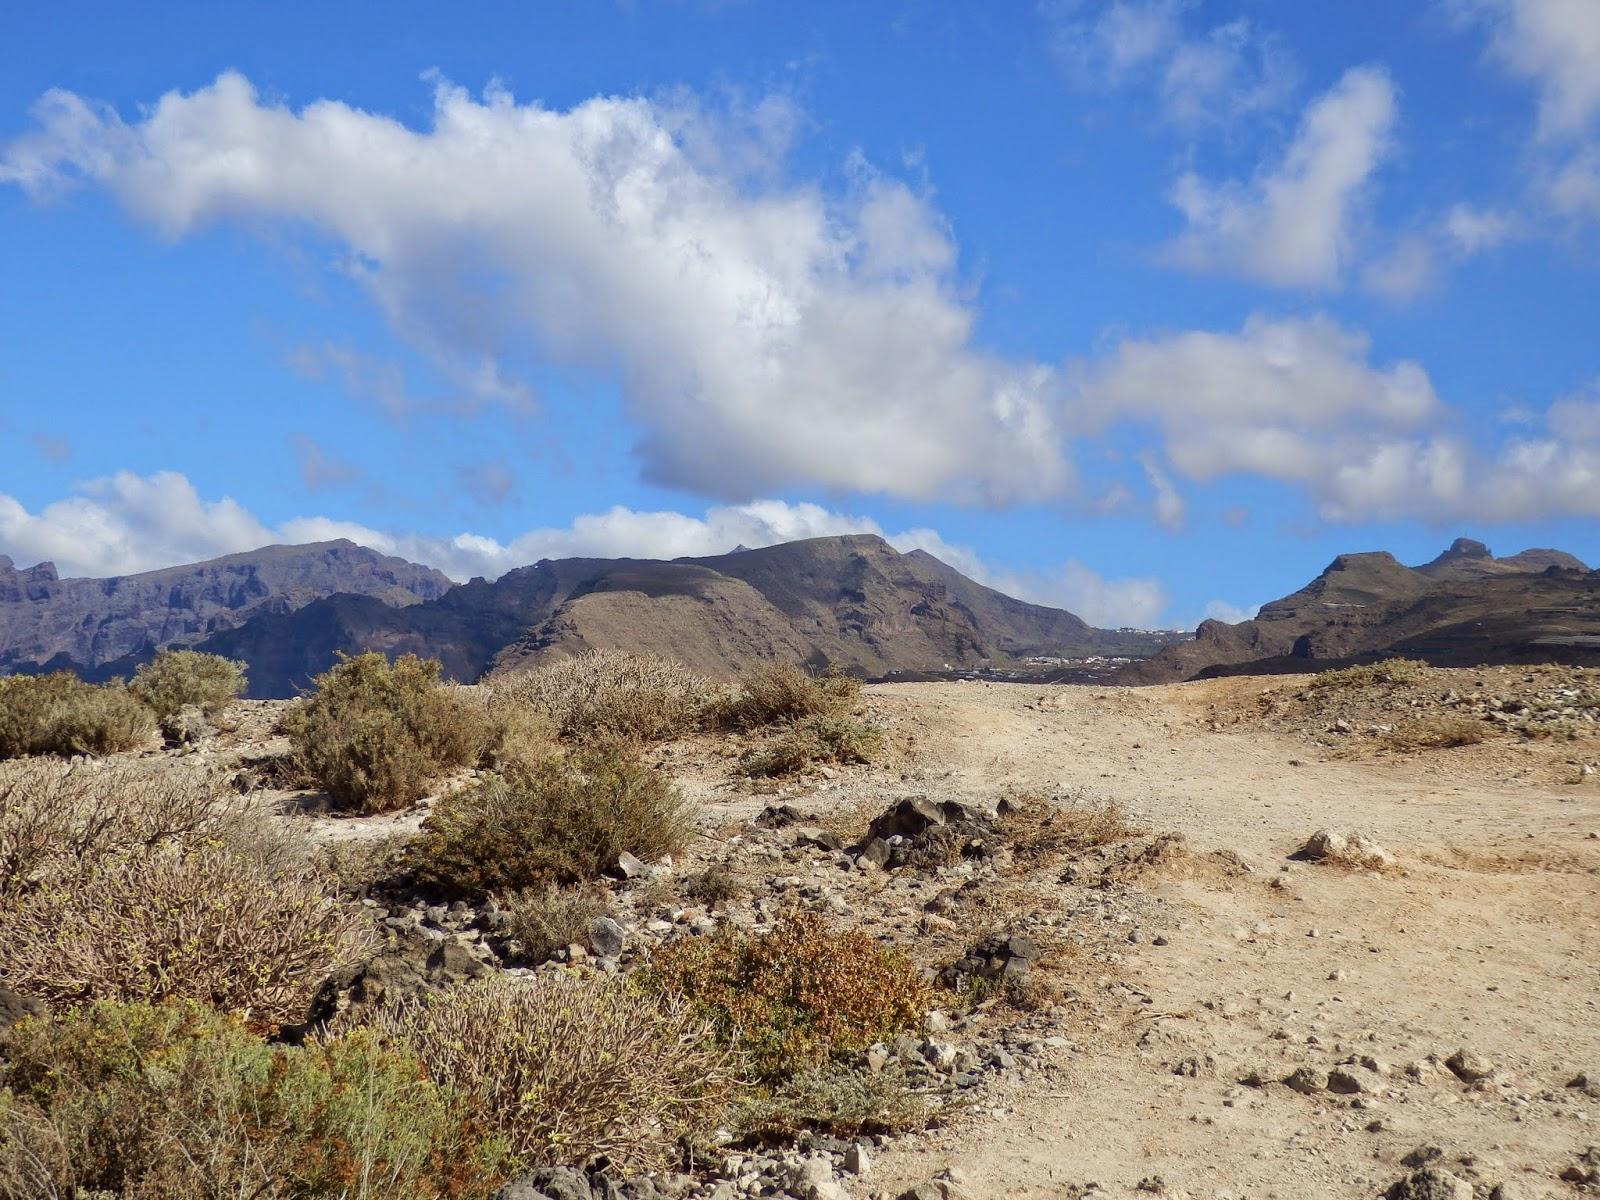 Mountains of Tenerife